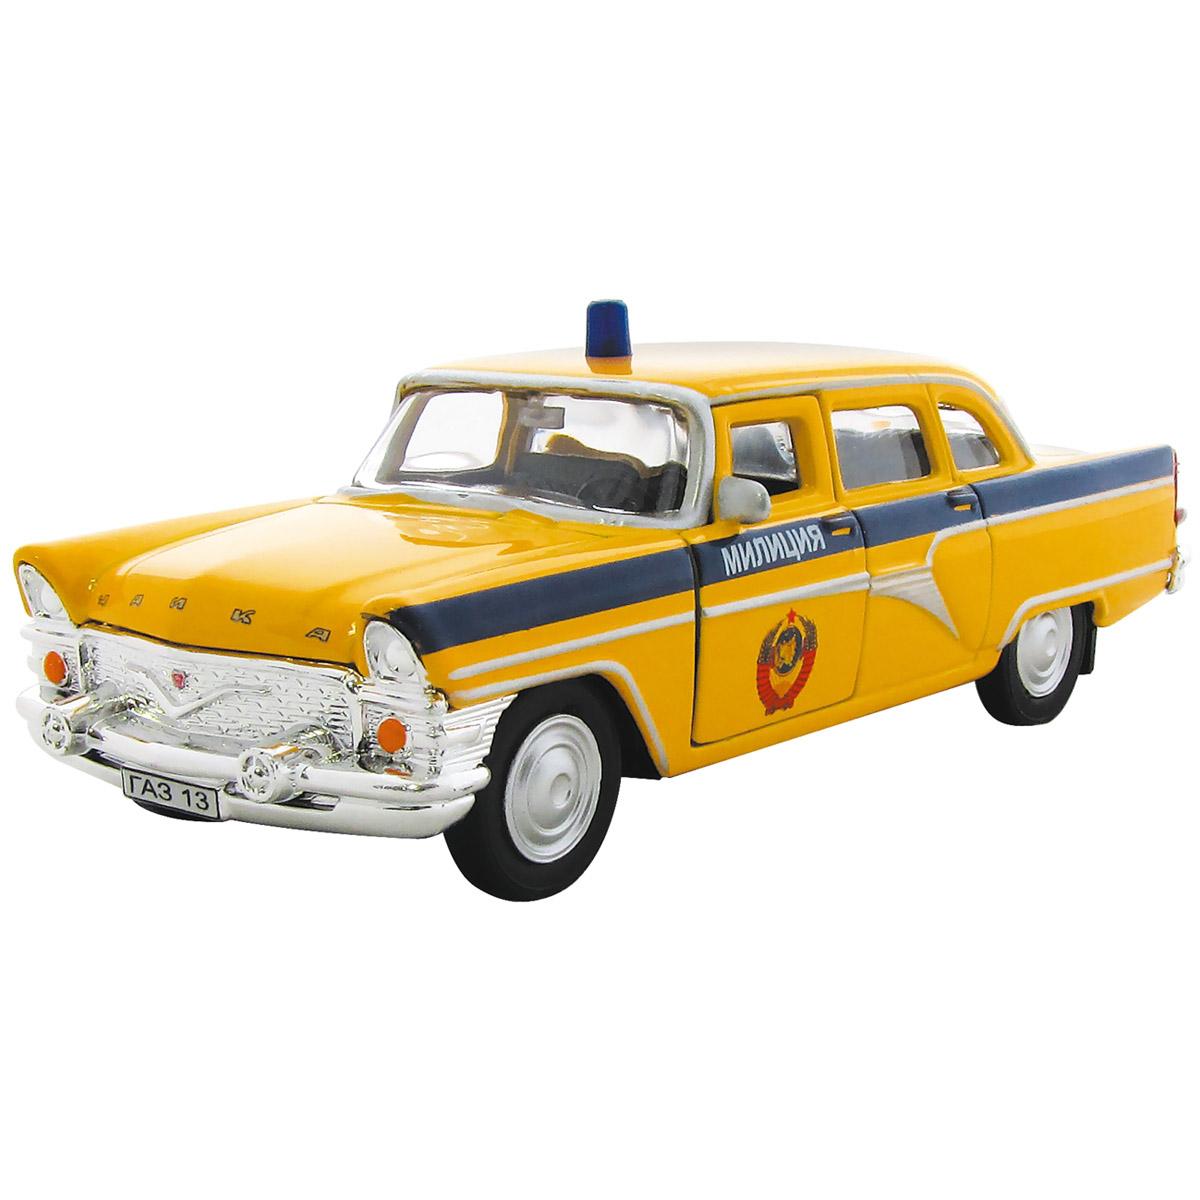 Машинка Autotime ГАЗ-13 ЧАЙКА милиция СССР 1:43<br>